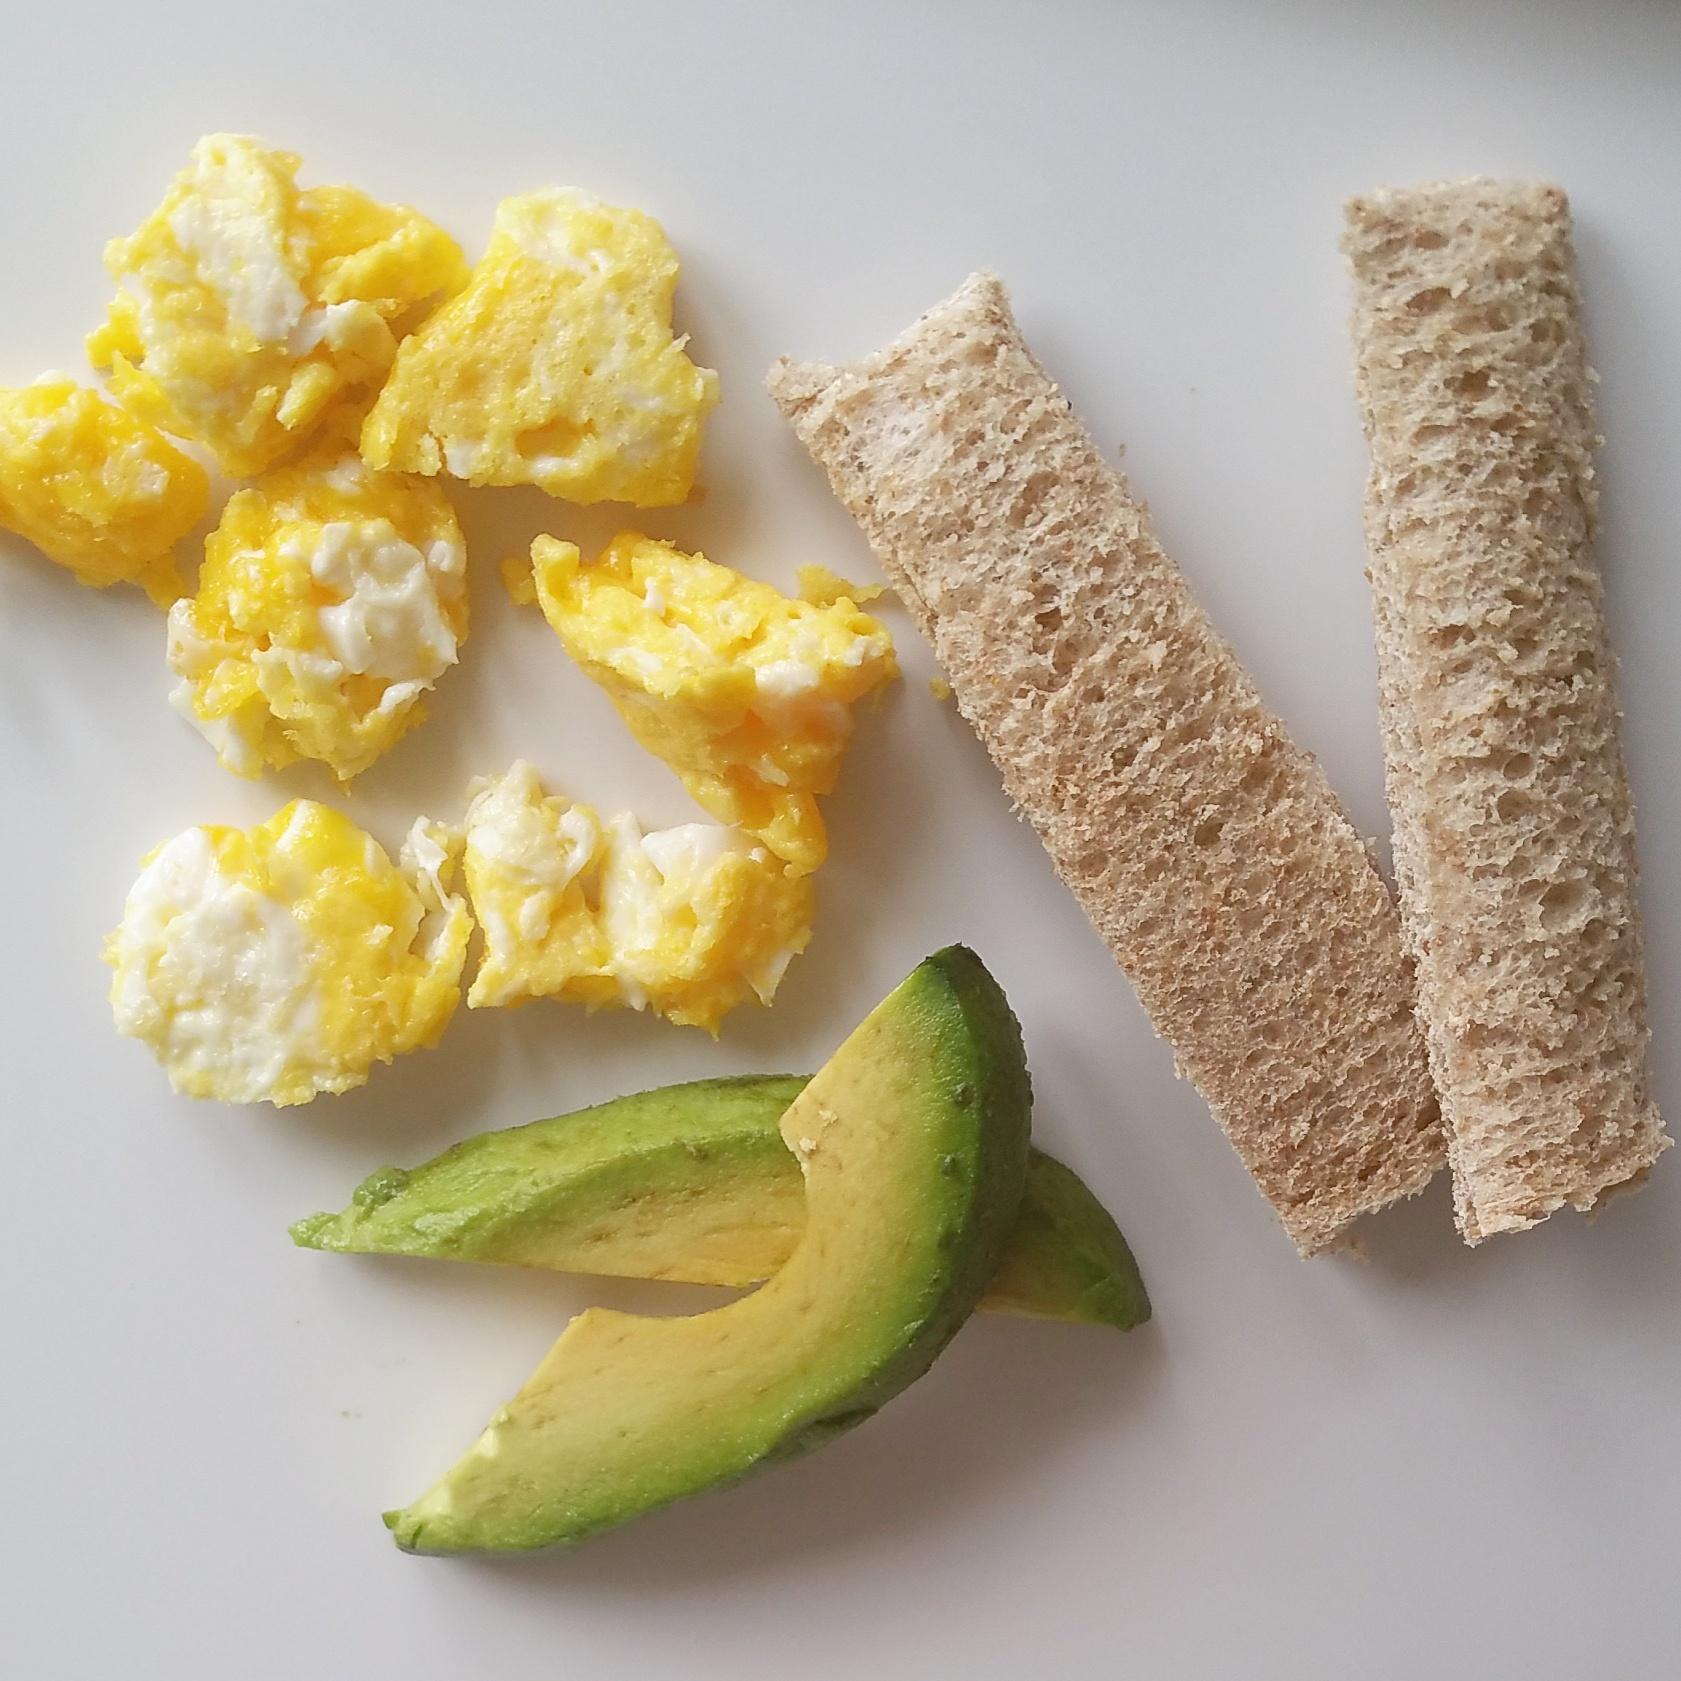 egg yolk, avocado, sprouted grain bread